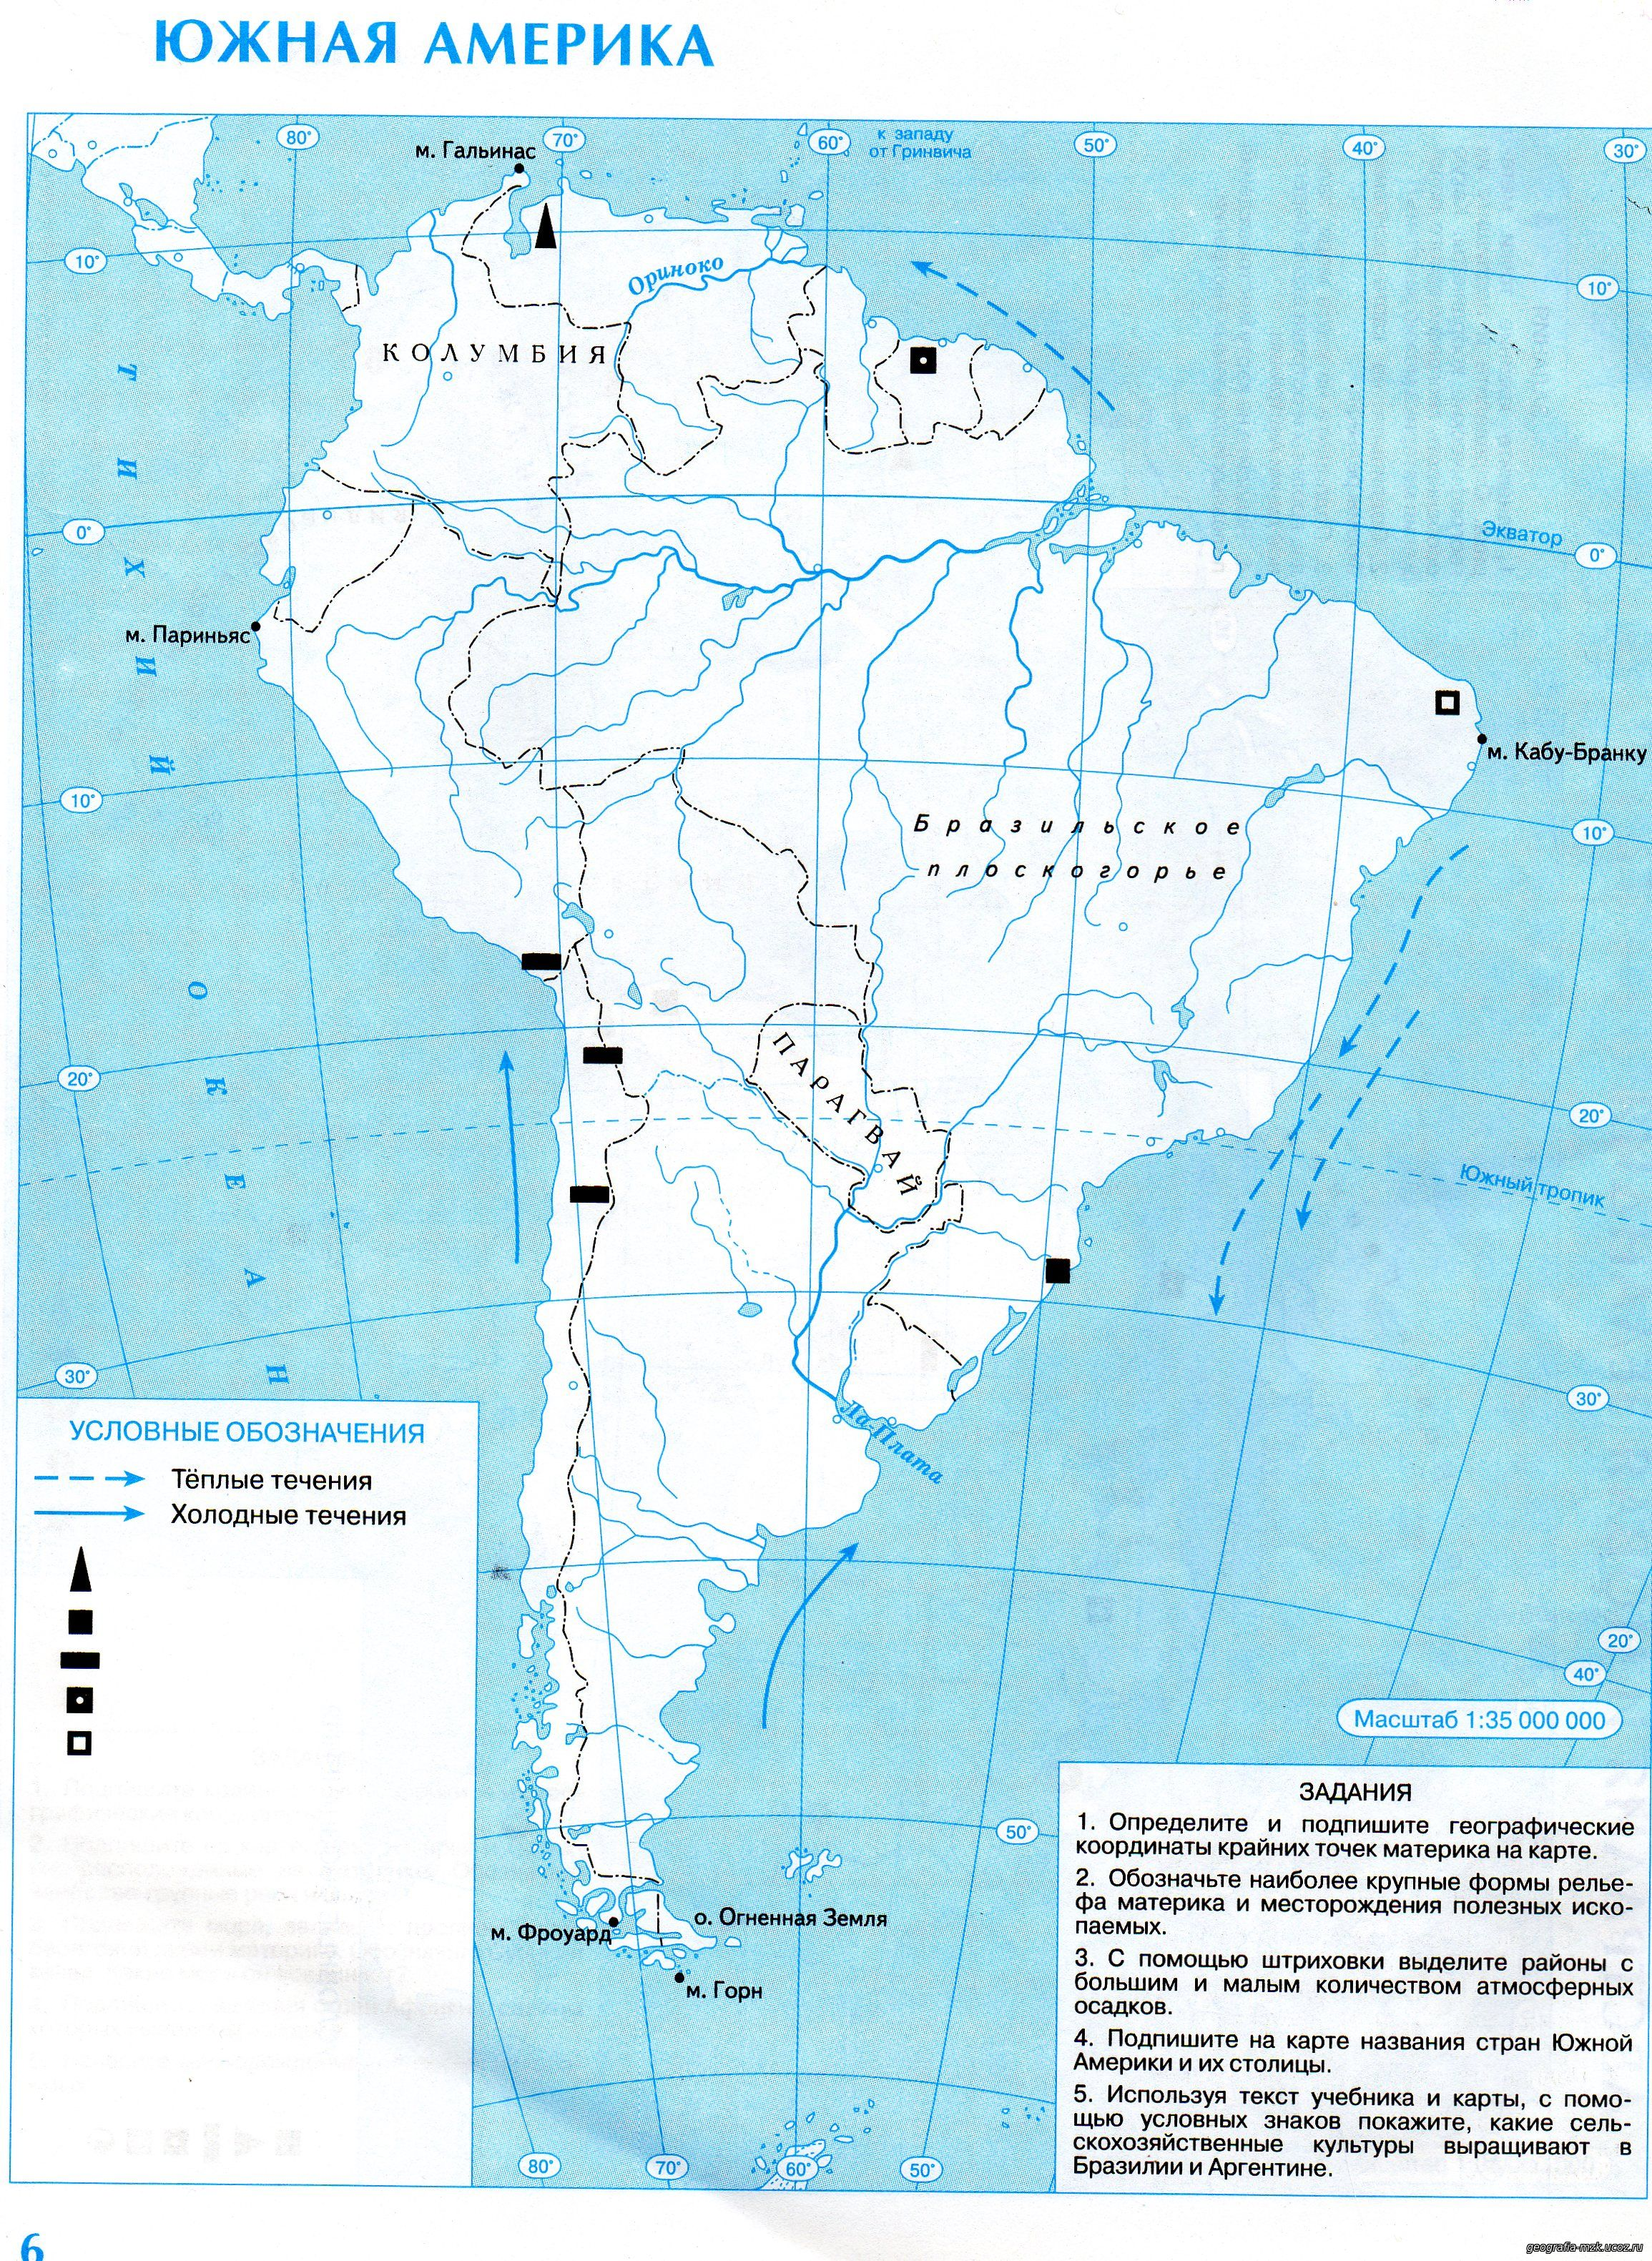 Гдз по конторной кврте по географии 7 класс по южной америке